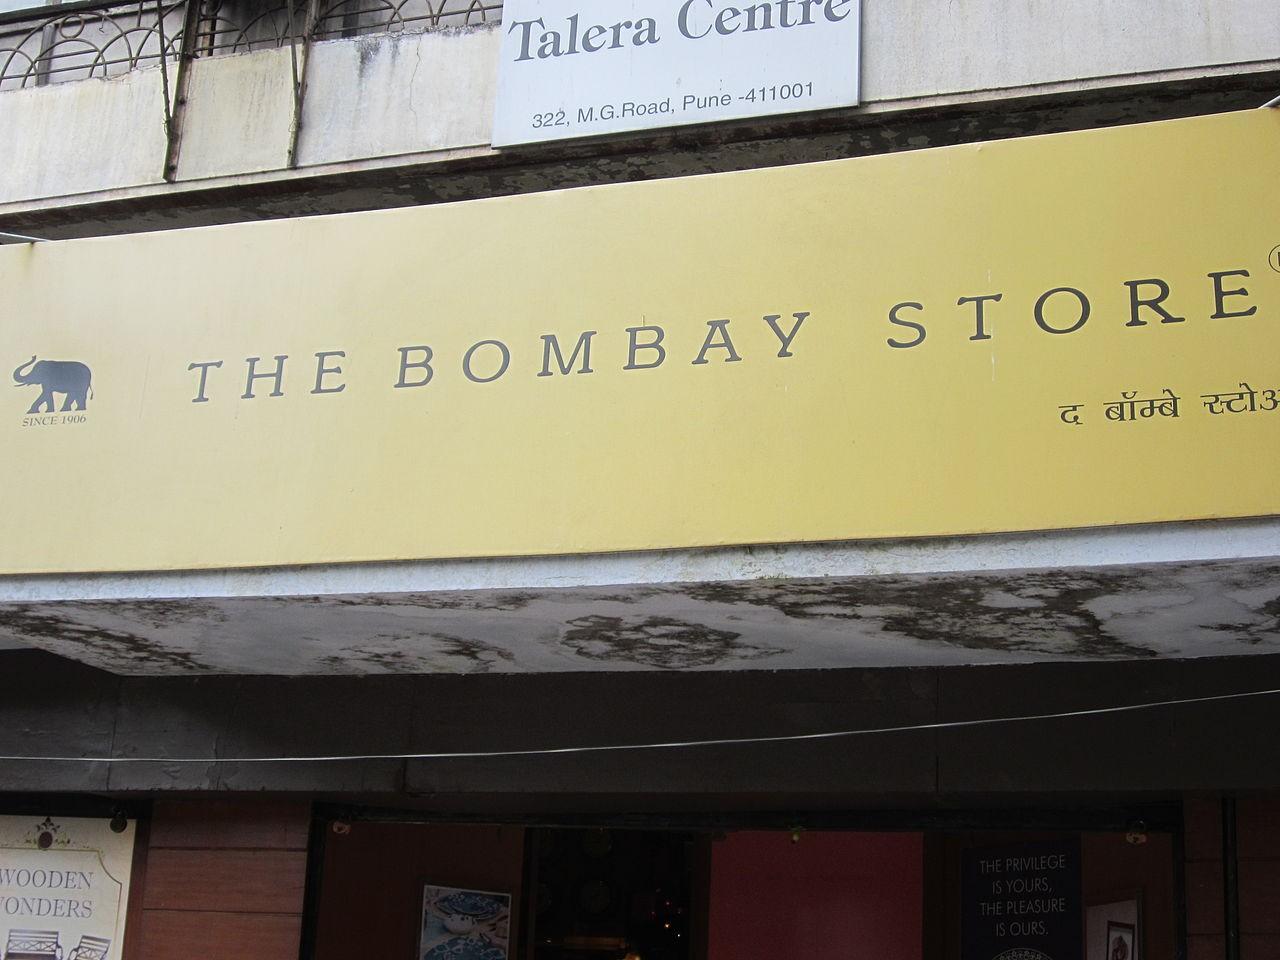 ムンバイのお土産を買うなら!人気のアパレル&雑貨ショップとレストランおすすめ5選!